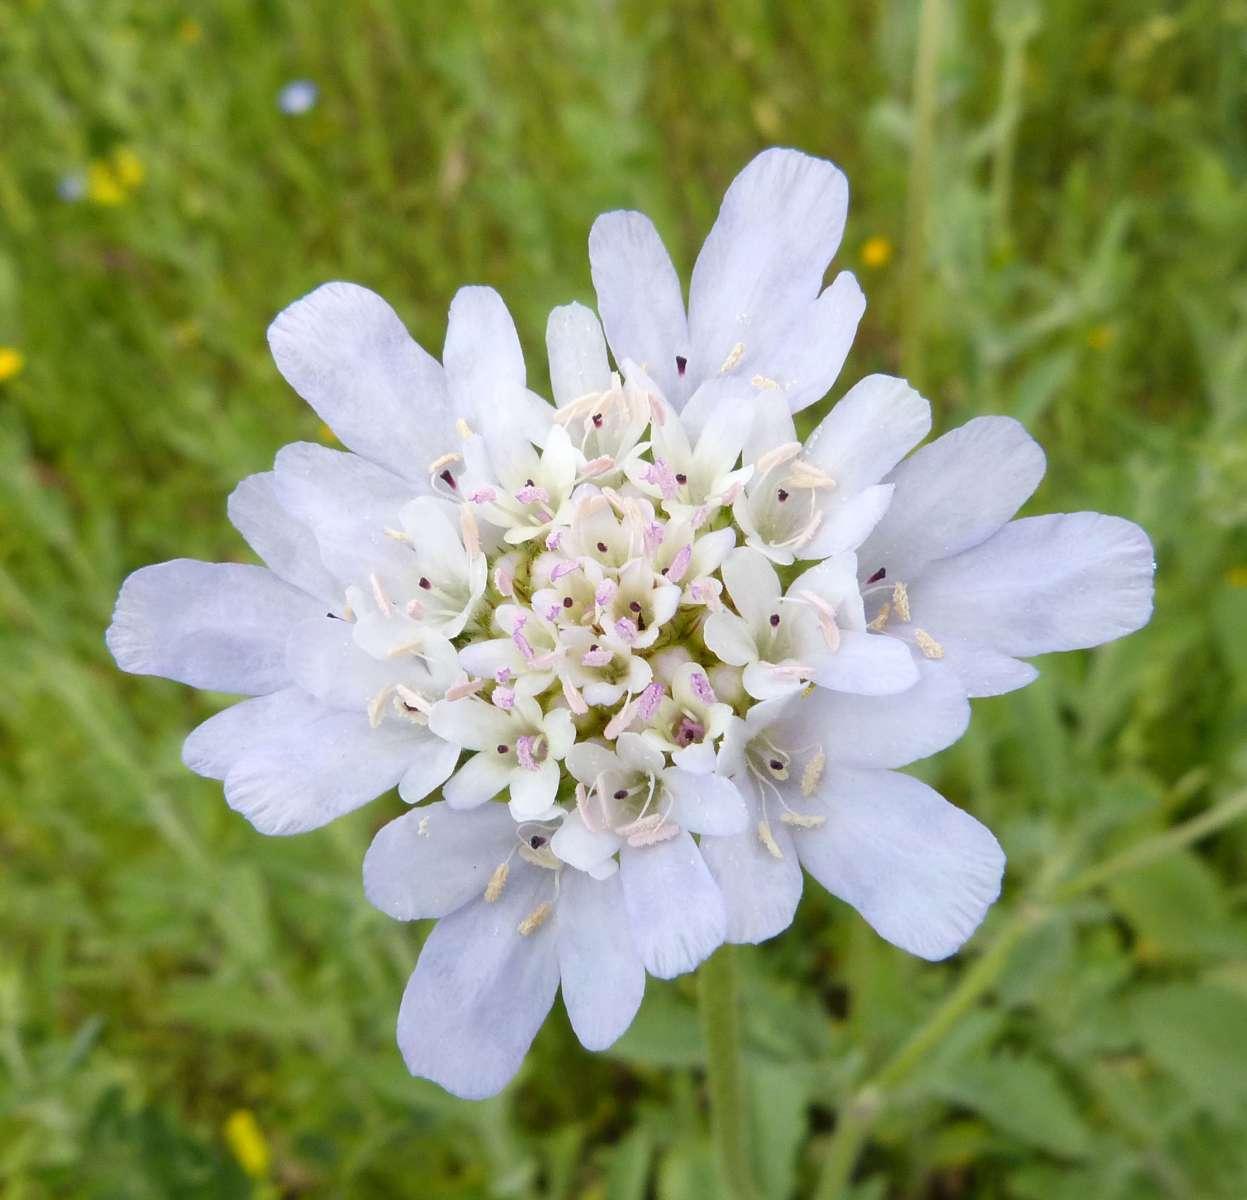 Céphalaire blanche (Crédits: gailhampshire - flickr)